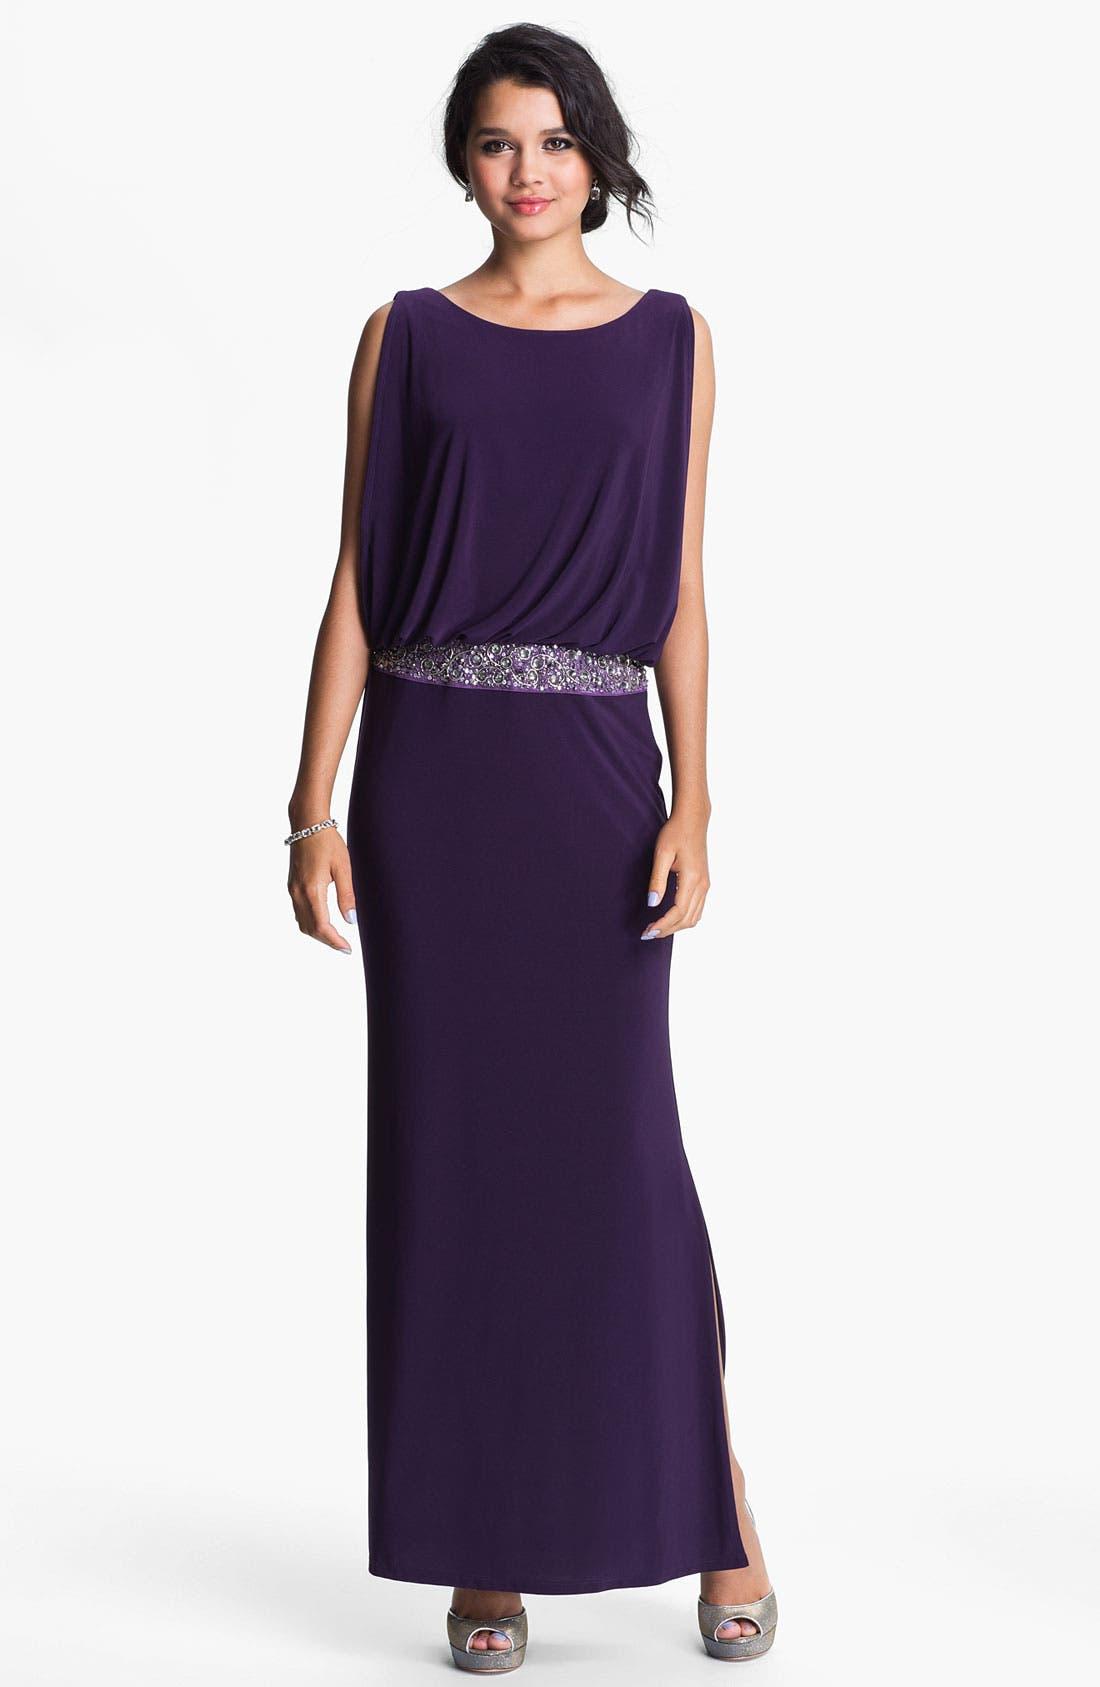 Alternate Image 1 Selected - JS Boutique Back Keyhole Embellished Blouson Jersey Gown